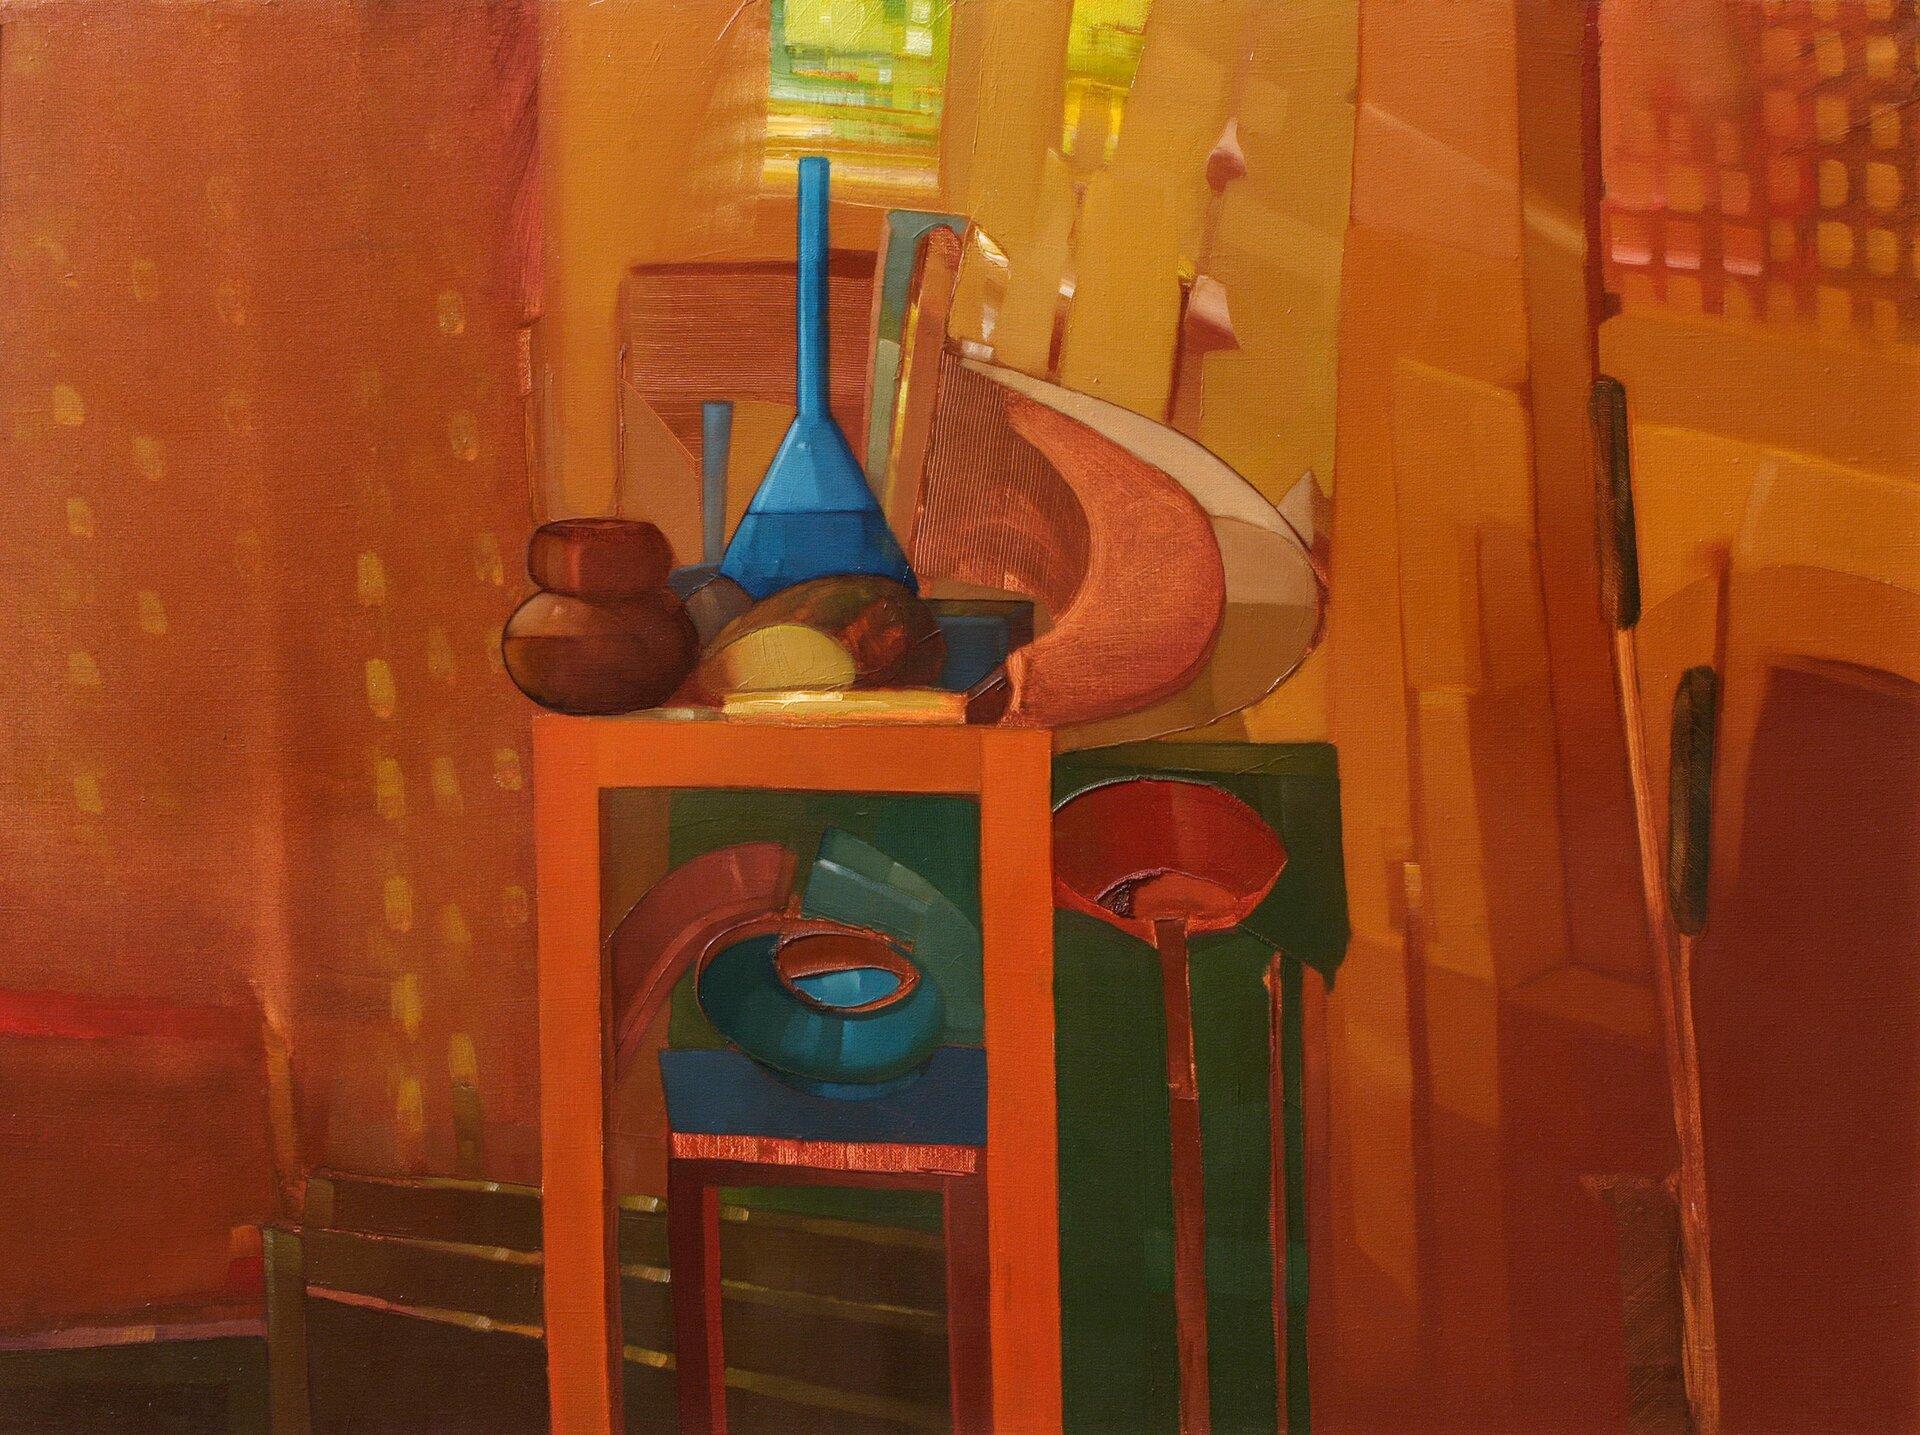 """Ilustracja przedstawia obraz olejny """"Martwa natura"""" autorstwa Piotra Klugowskiego. Dzieło ukazuje ustawiony we wnętrzu wysoki stolik zumieszczonymi na nim podłużnymi iokrągłymi przedmiotami przypominającymi butelki, garnki ipółmiski. Tło kompozycji stanowi podzielona na drobne płaszczyzny ściana wciepłych kolorach. Obraz cechuje się dużym, niemal kubistycznym uproszczeniem form. Dla artysty nie jest ważny detal. Przy pomocy prostych środków wyrazu stara się oddać charakter przedstawionych przedmiotów. Praca wykonana została wciepłej, brązowo-pomarańczowo-żółtej tonacji barw zakcentami chłodnych błękitów izieleni poszczególnych naczyń martwej natury."""